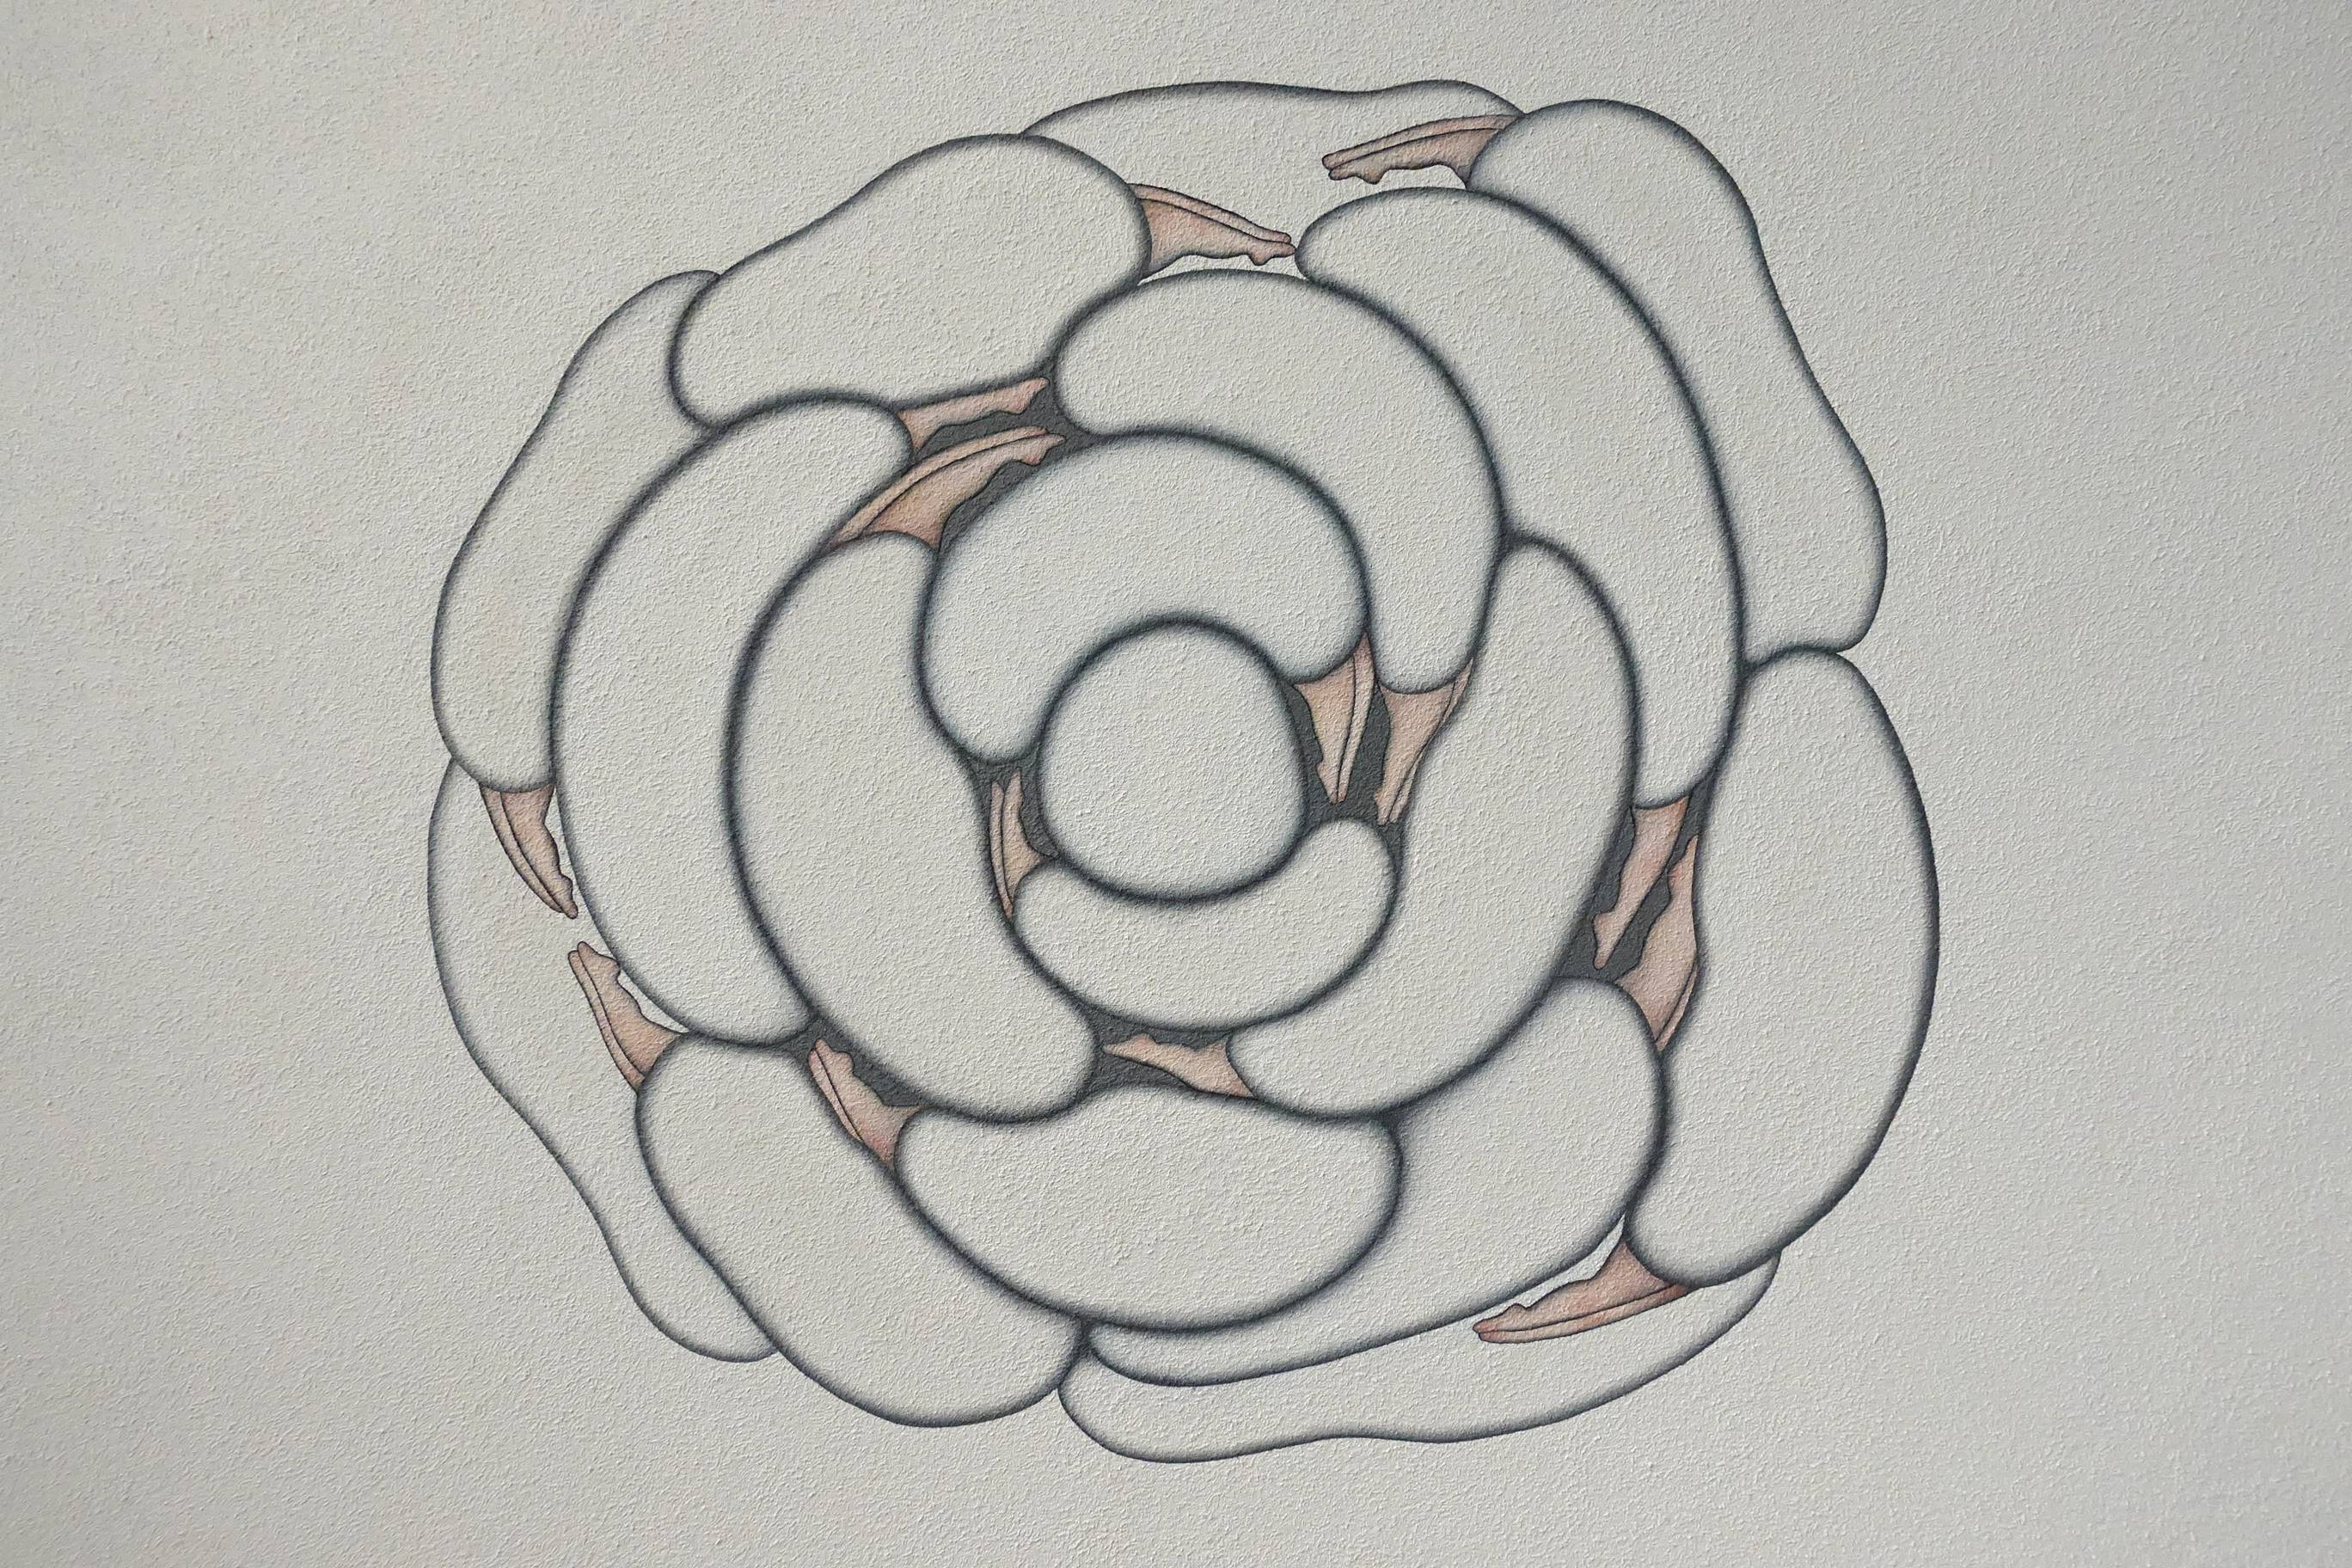 小澤香奈子作品《生生不息》。